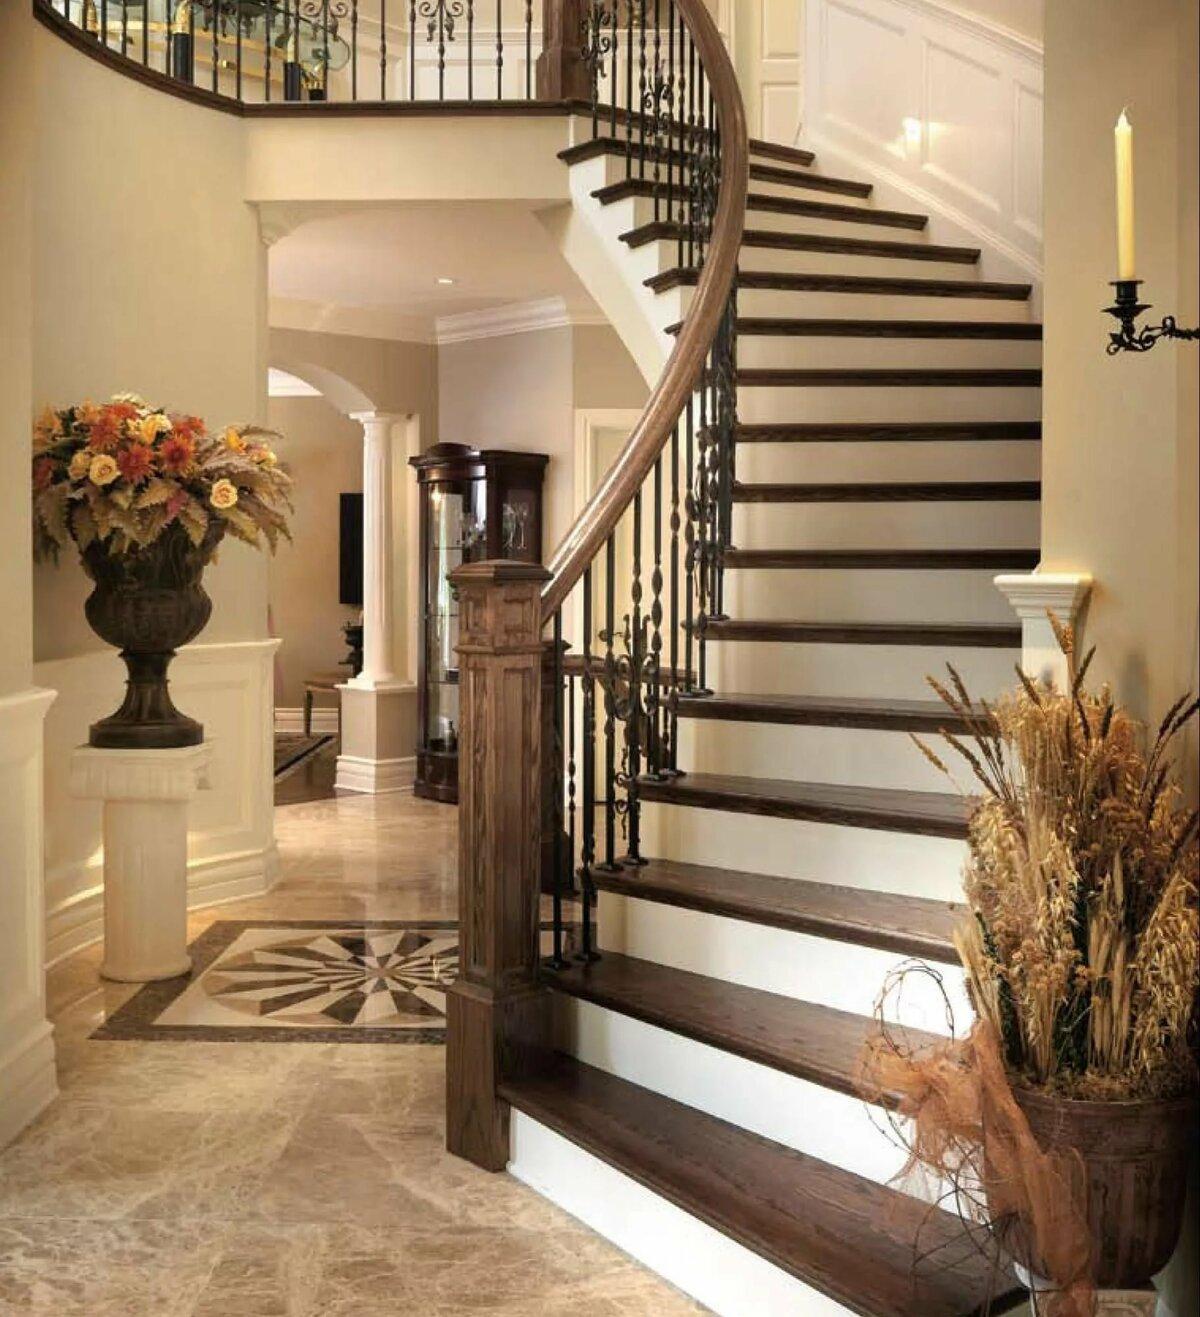 лучшие лестницы для дома фото них, слову, уже